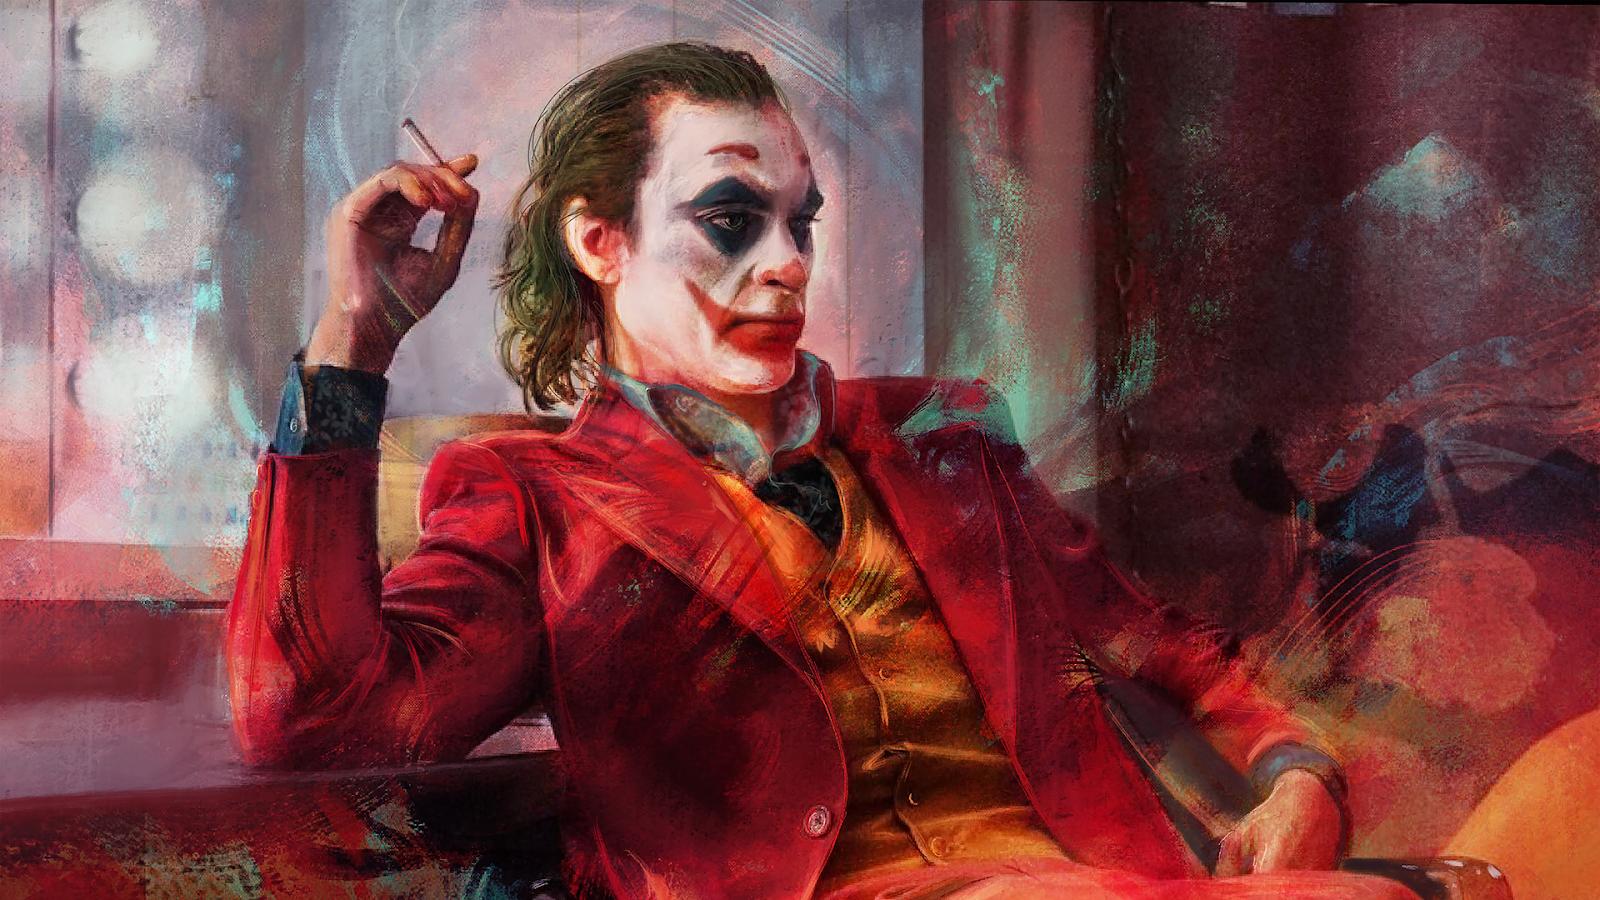 joker-smoking-wallpaper